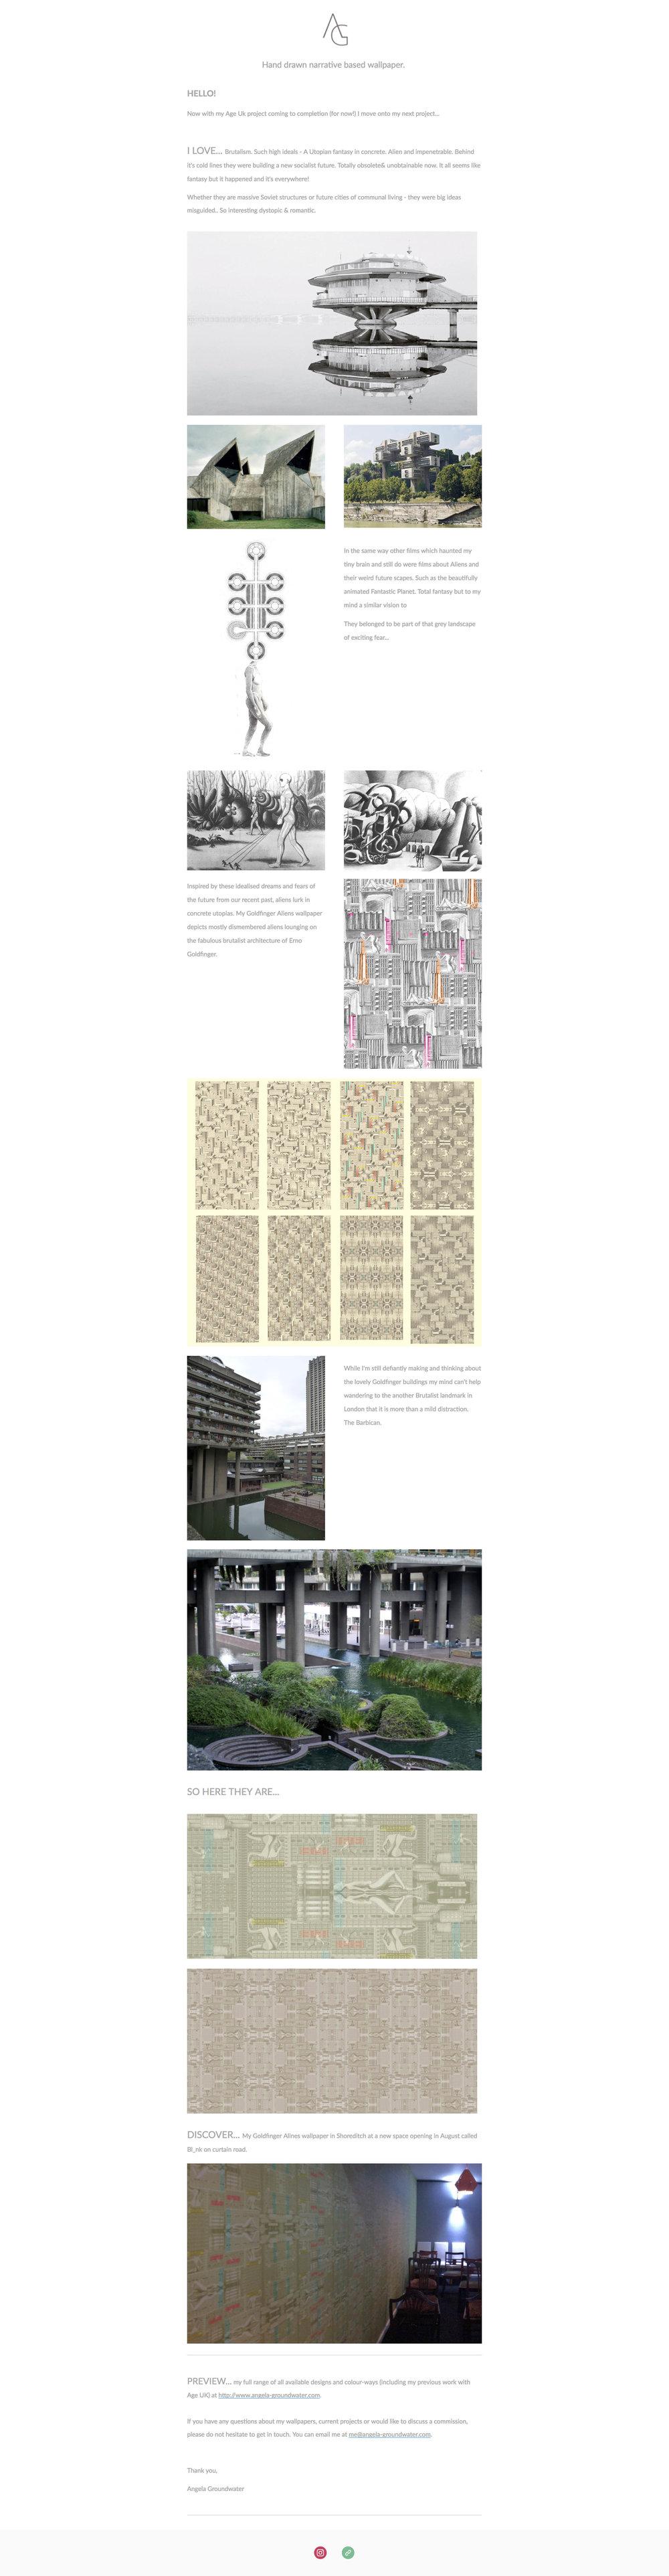 AG-Newsletter-006-copy.jpg